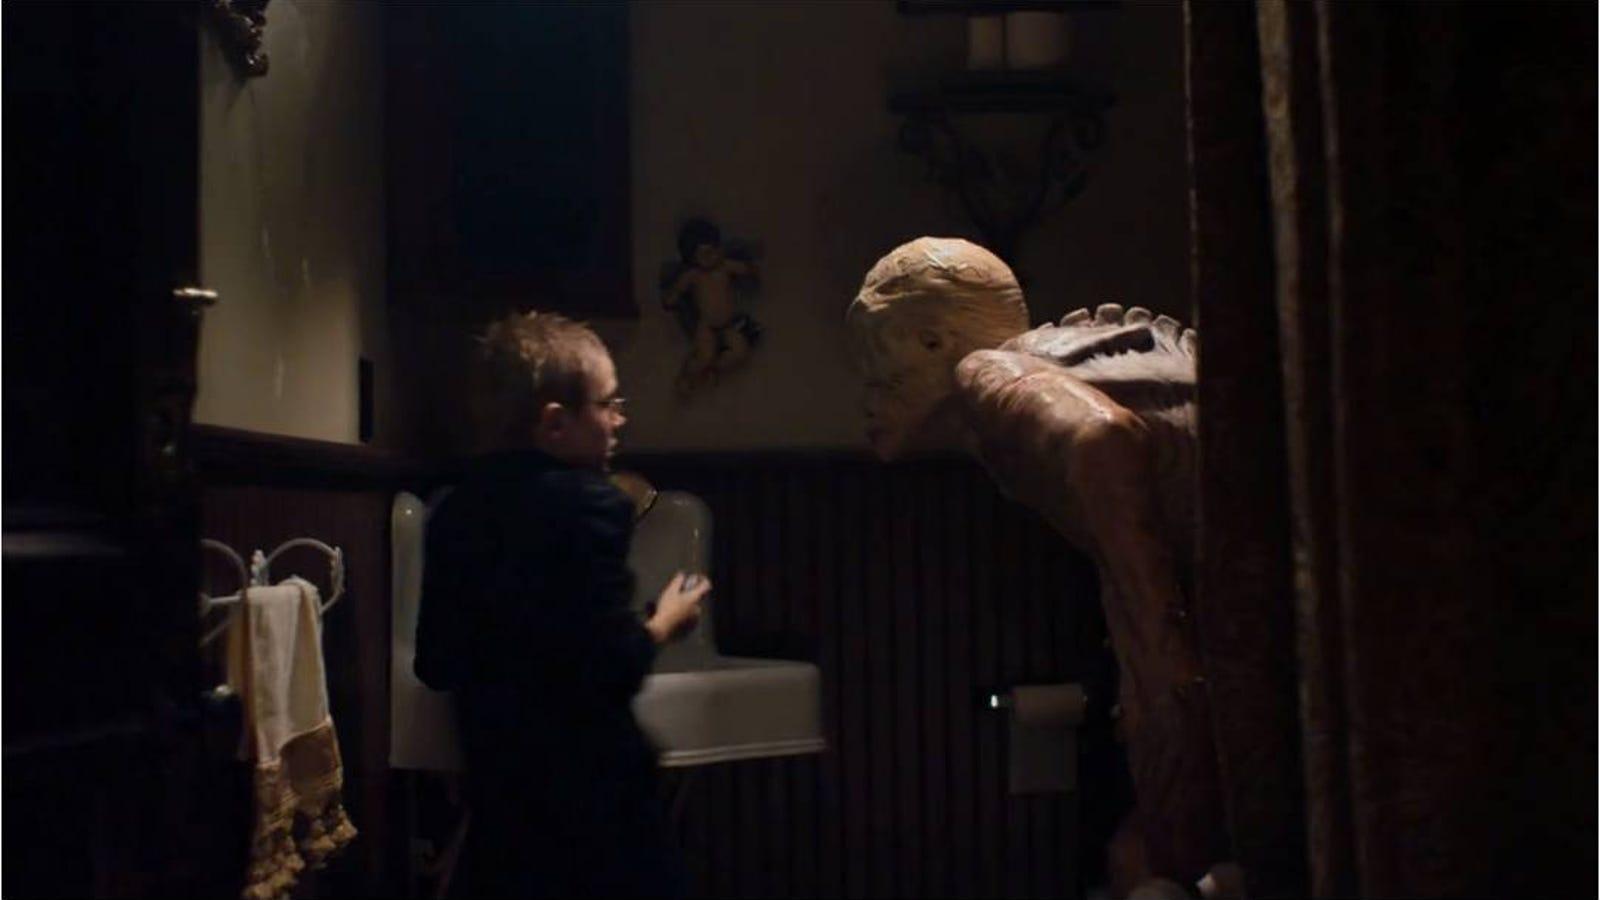 Shhh, un oscuro corto basado en las pesadillas de Guillermo del Toro